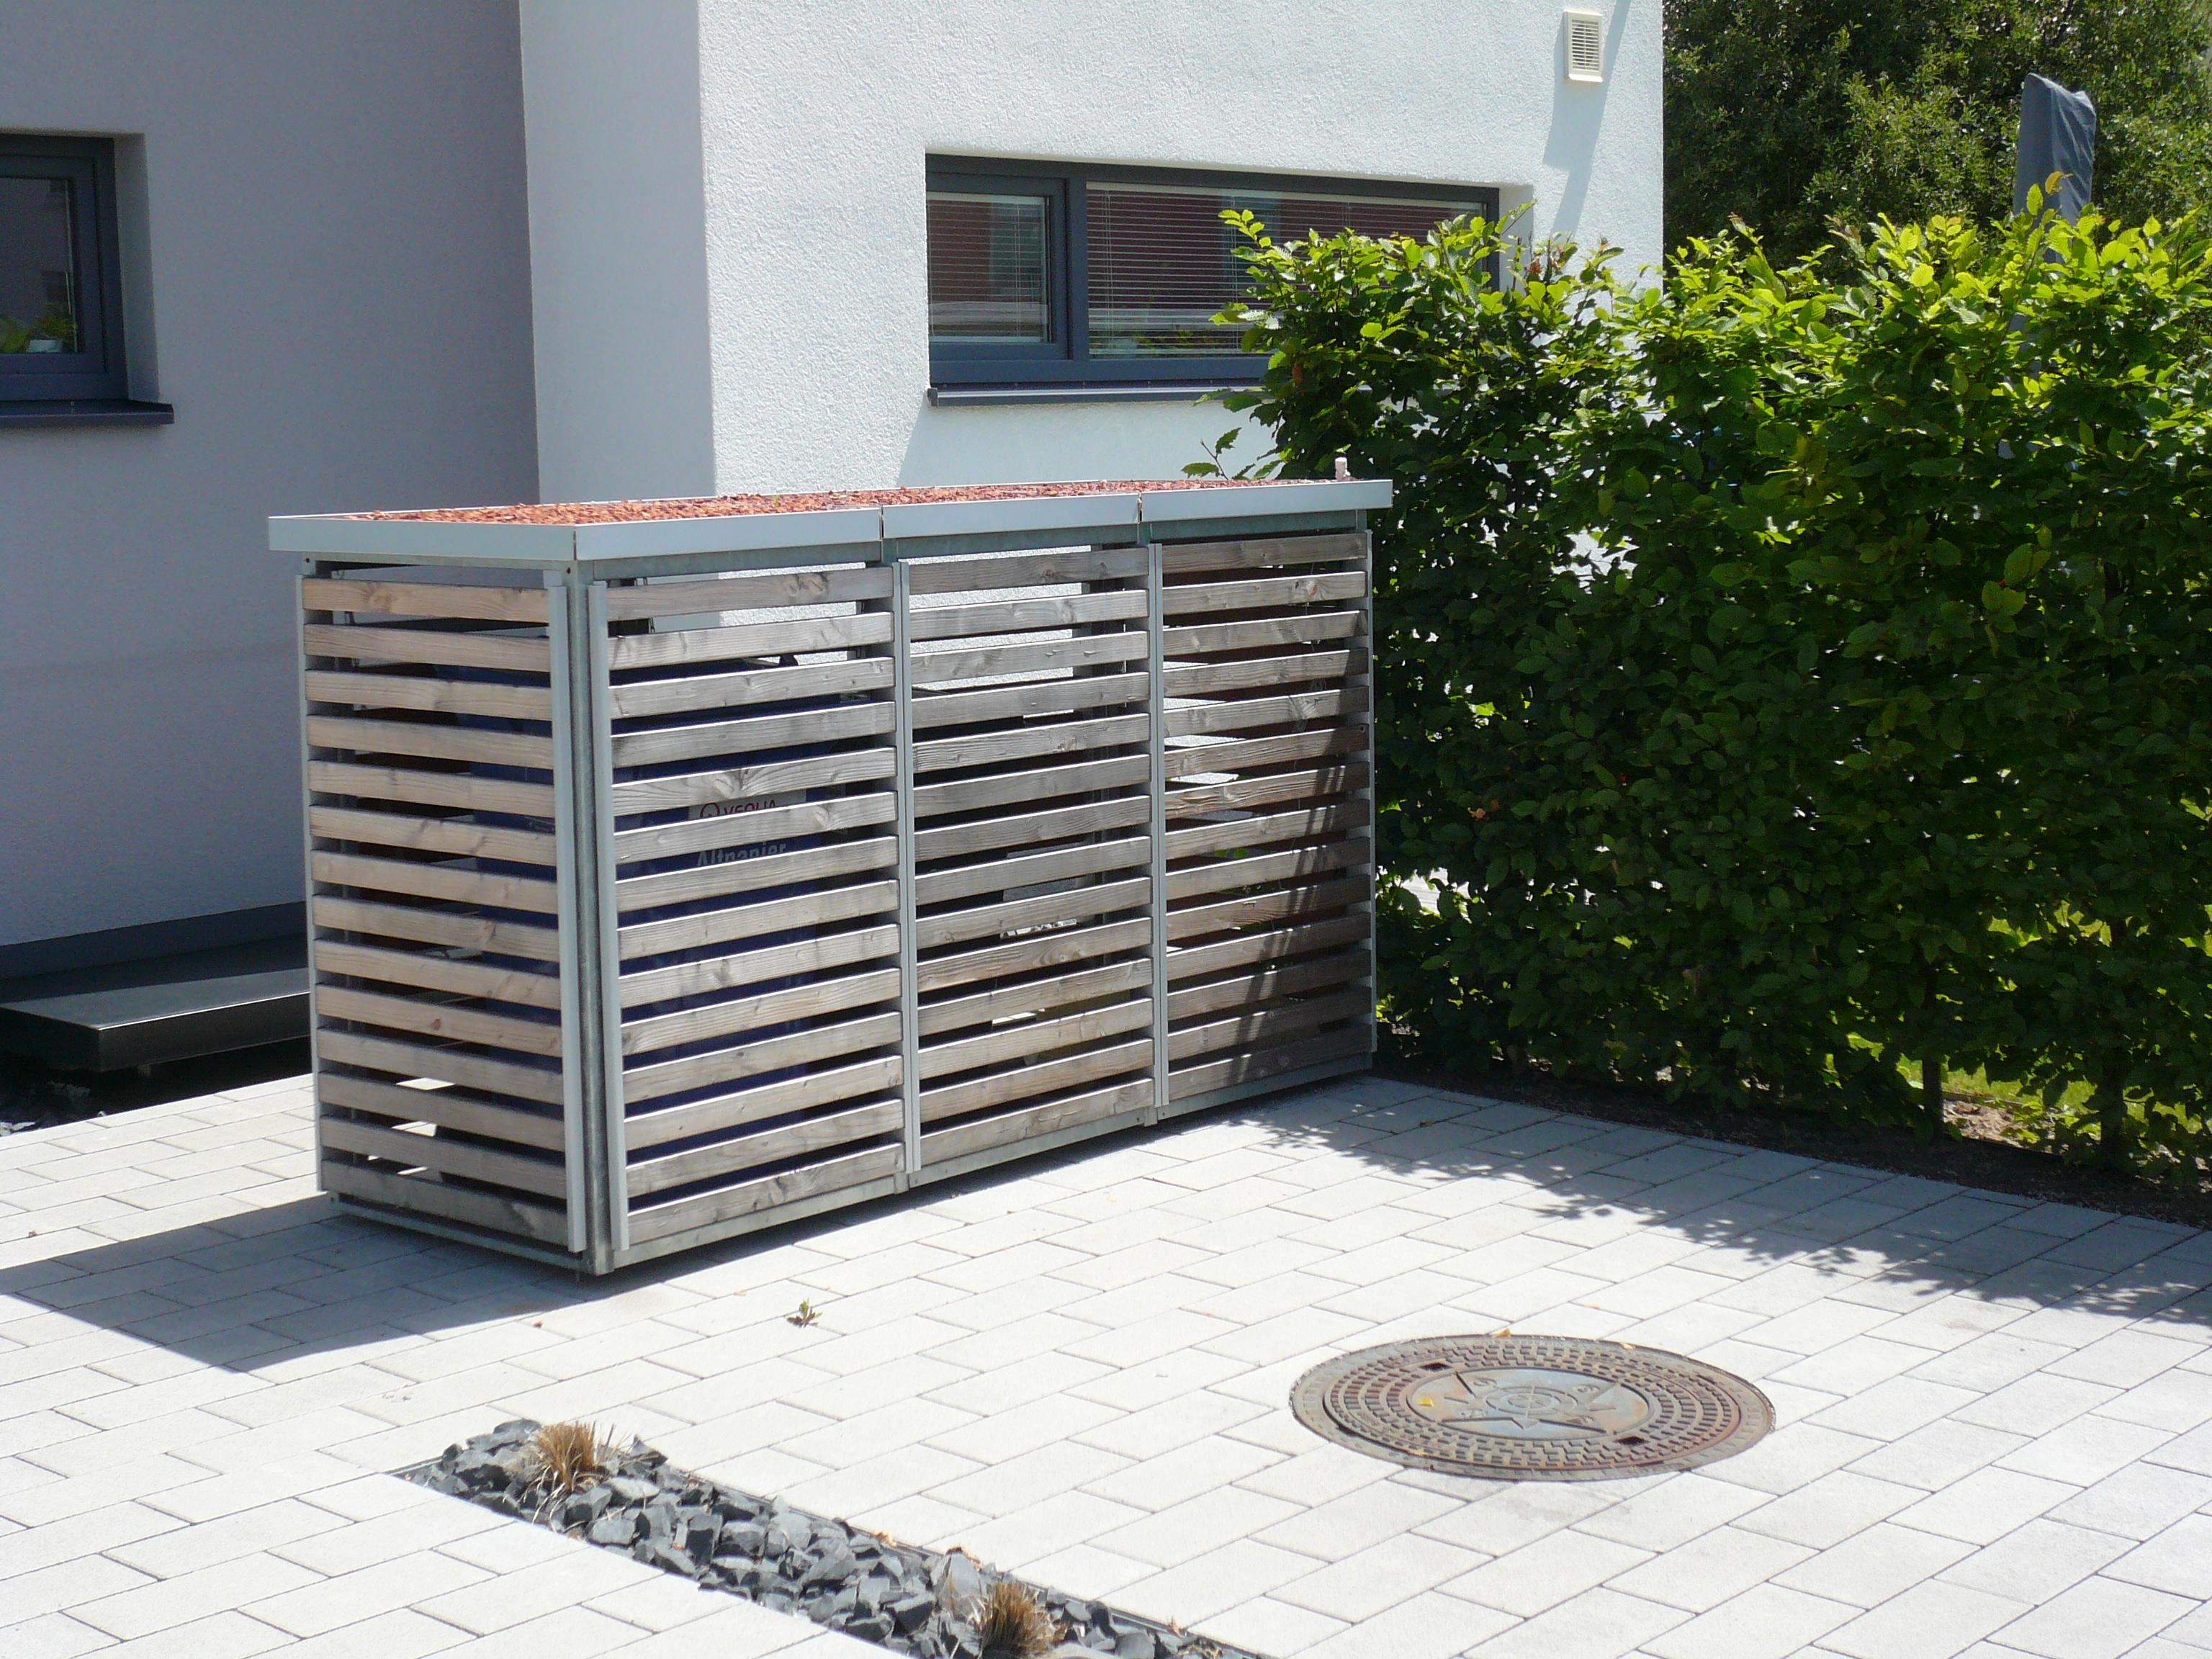 Mülltonnenbox - Mülltonneneinhausung - Mülltonnendepot